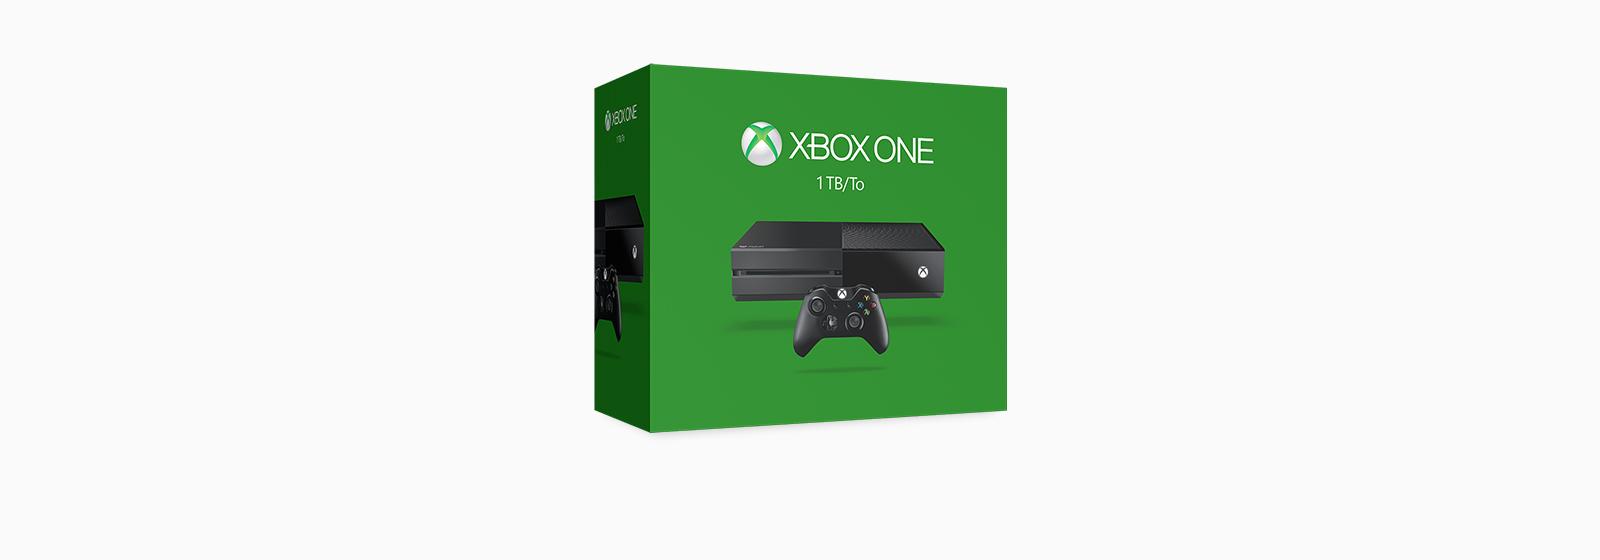 Lees meer over de nieuwe 1 TB Xbox One console.